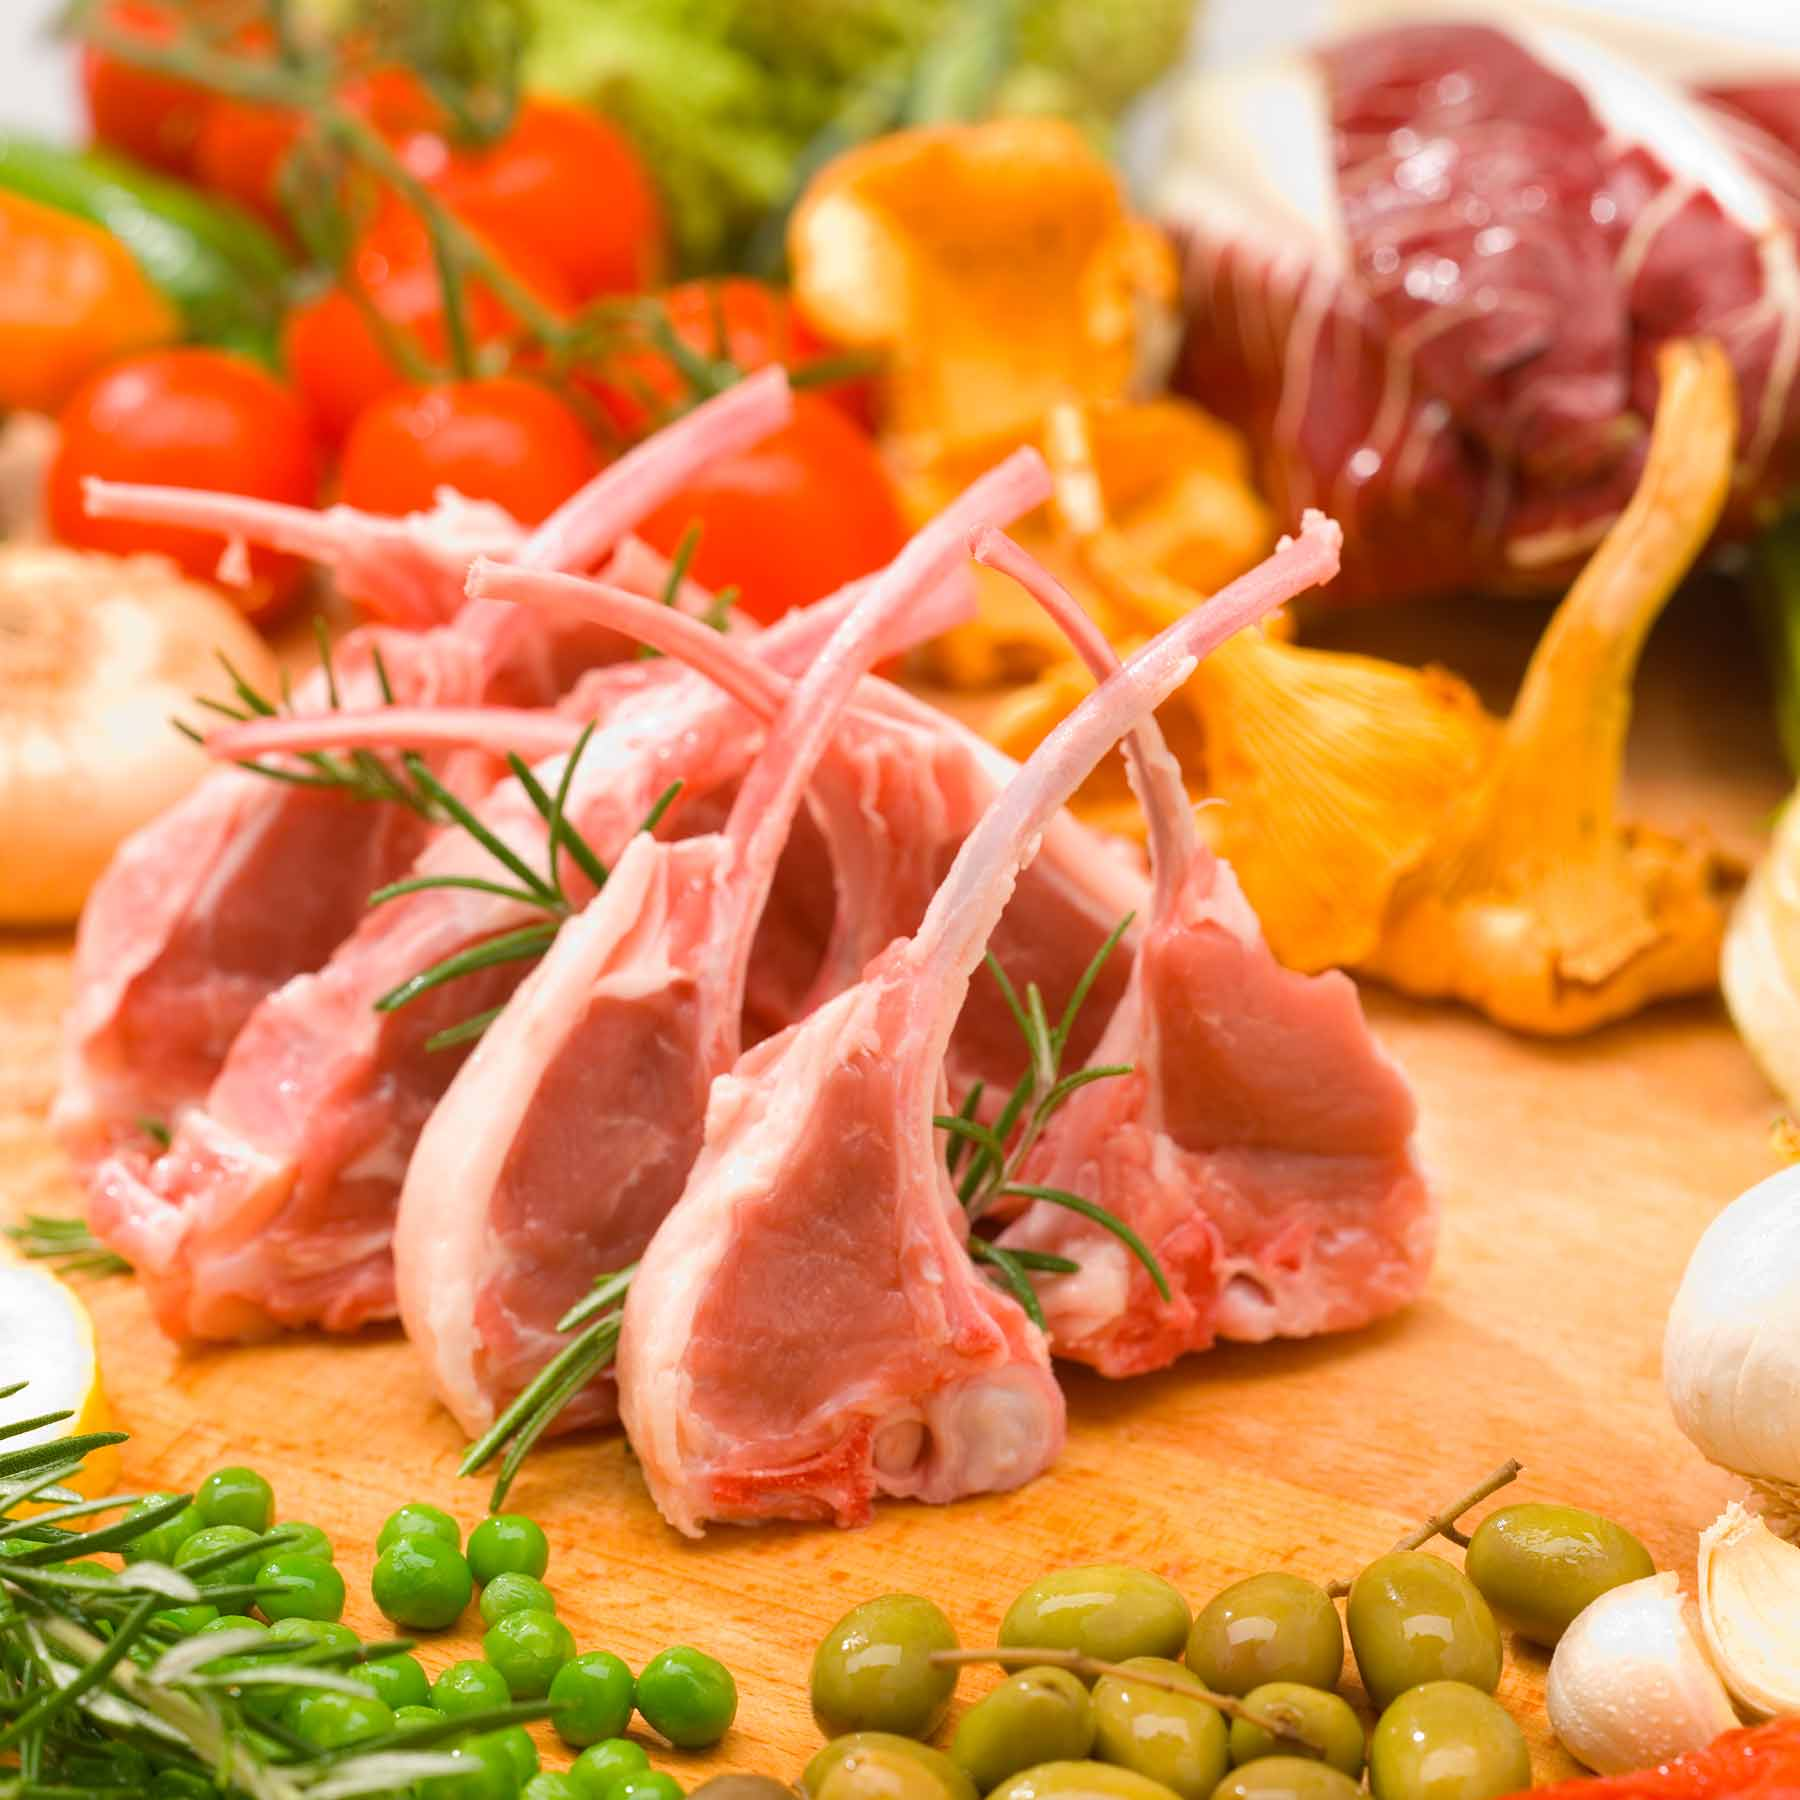 ilco-prodotti-carne-2